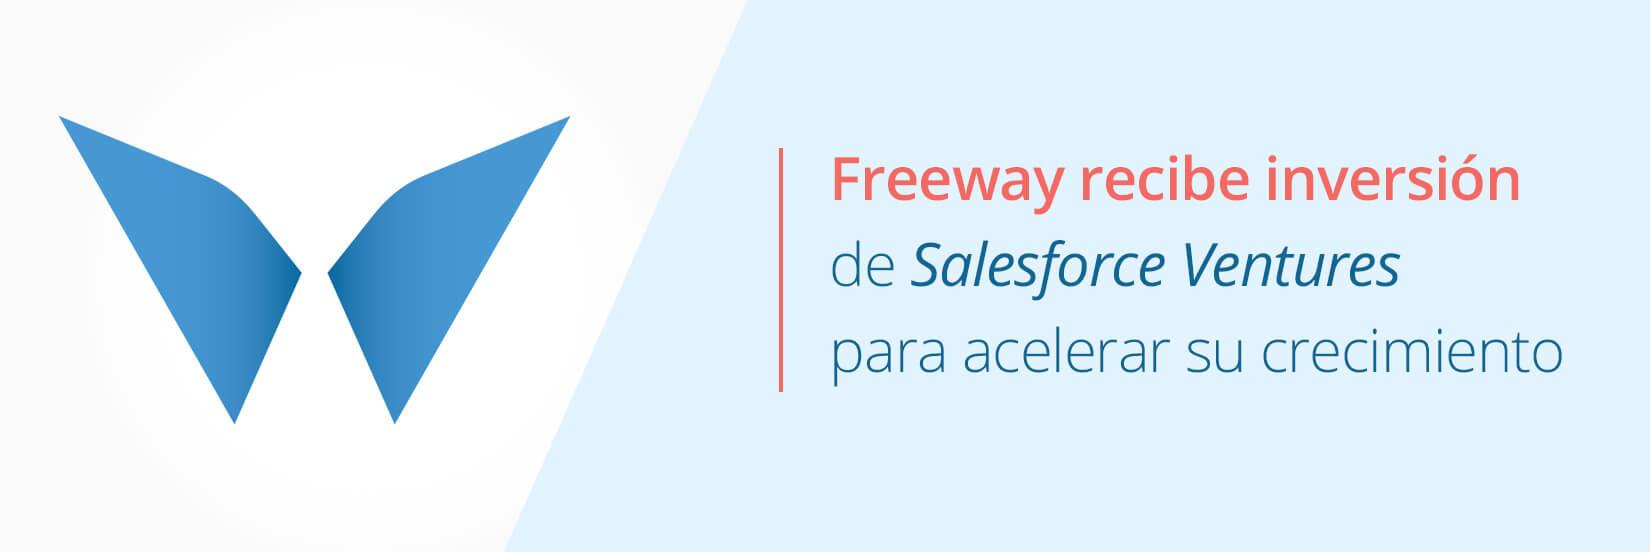 Freeway recibe inversión de Salesforce para acelerar su crecimiento